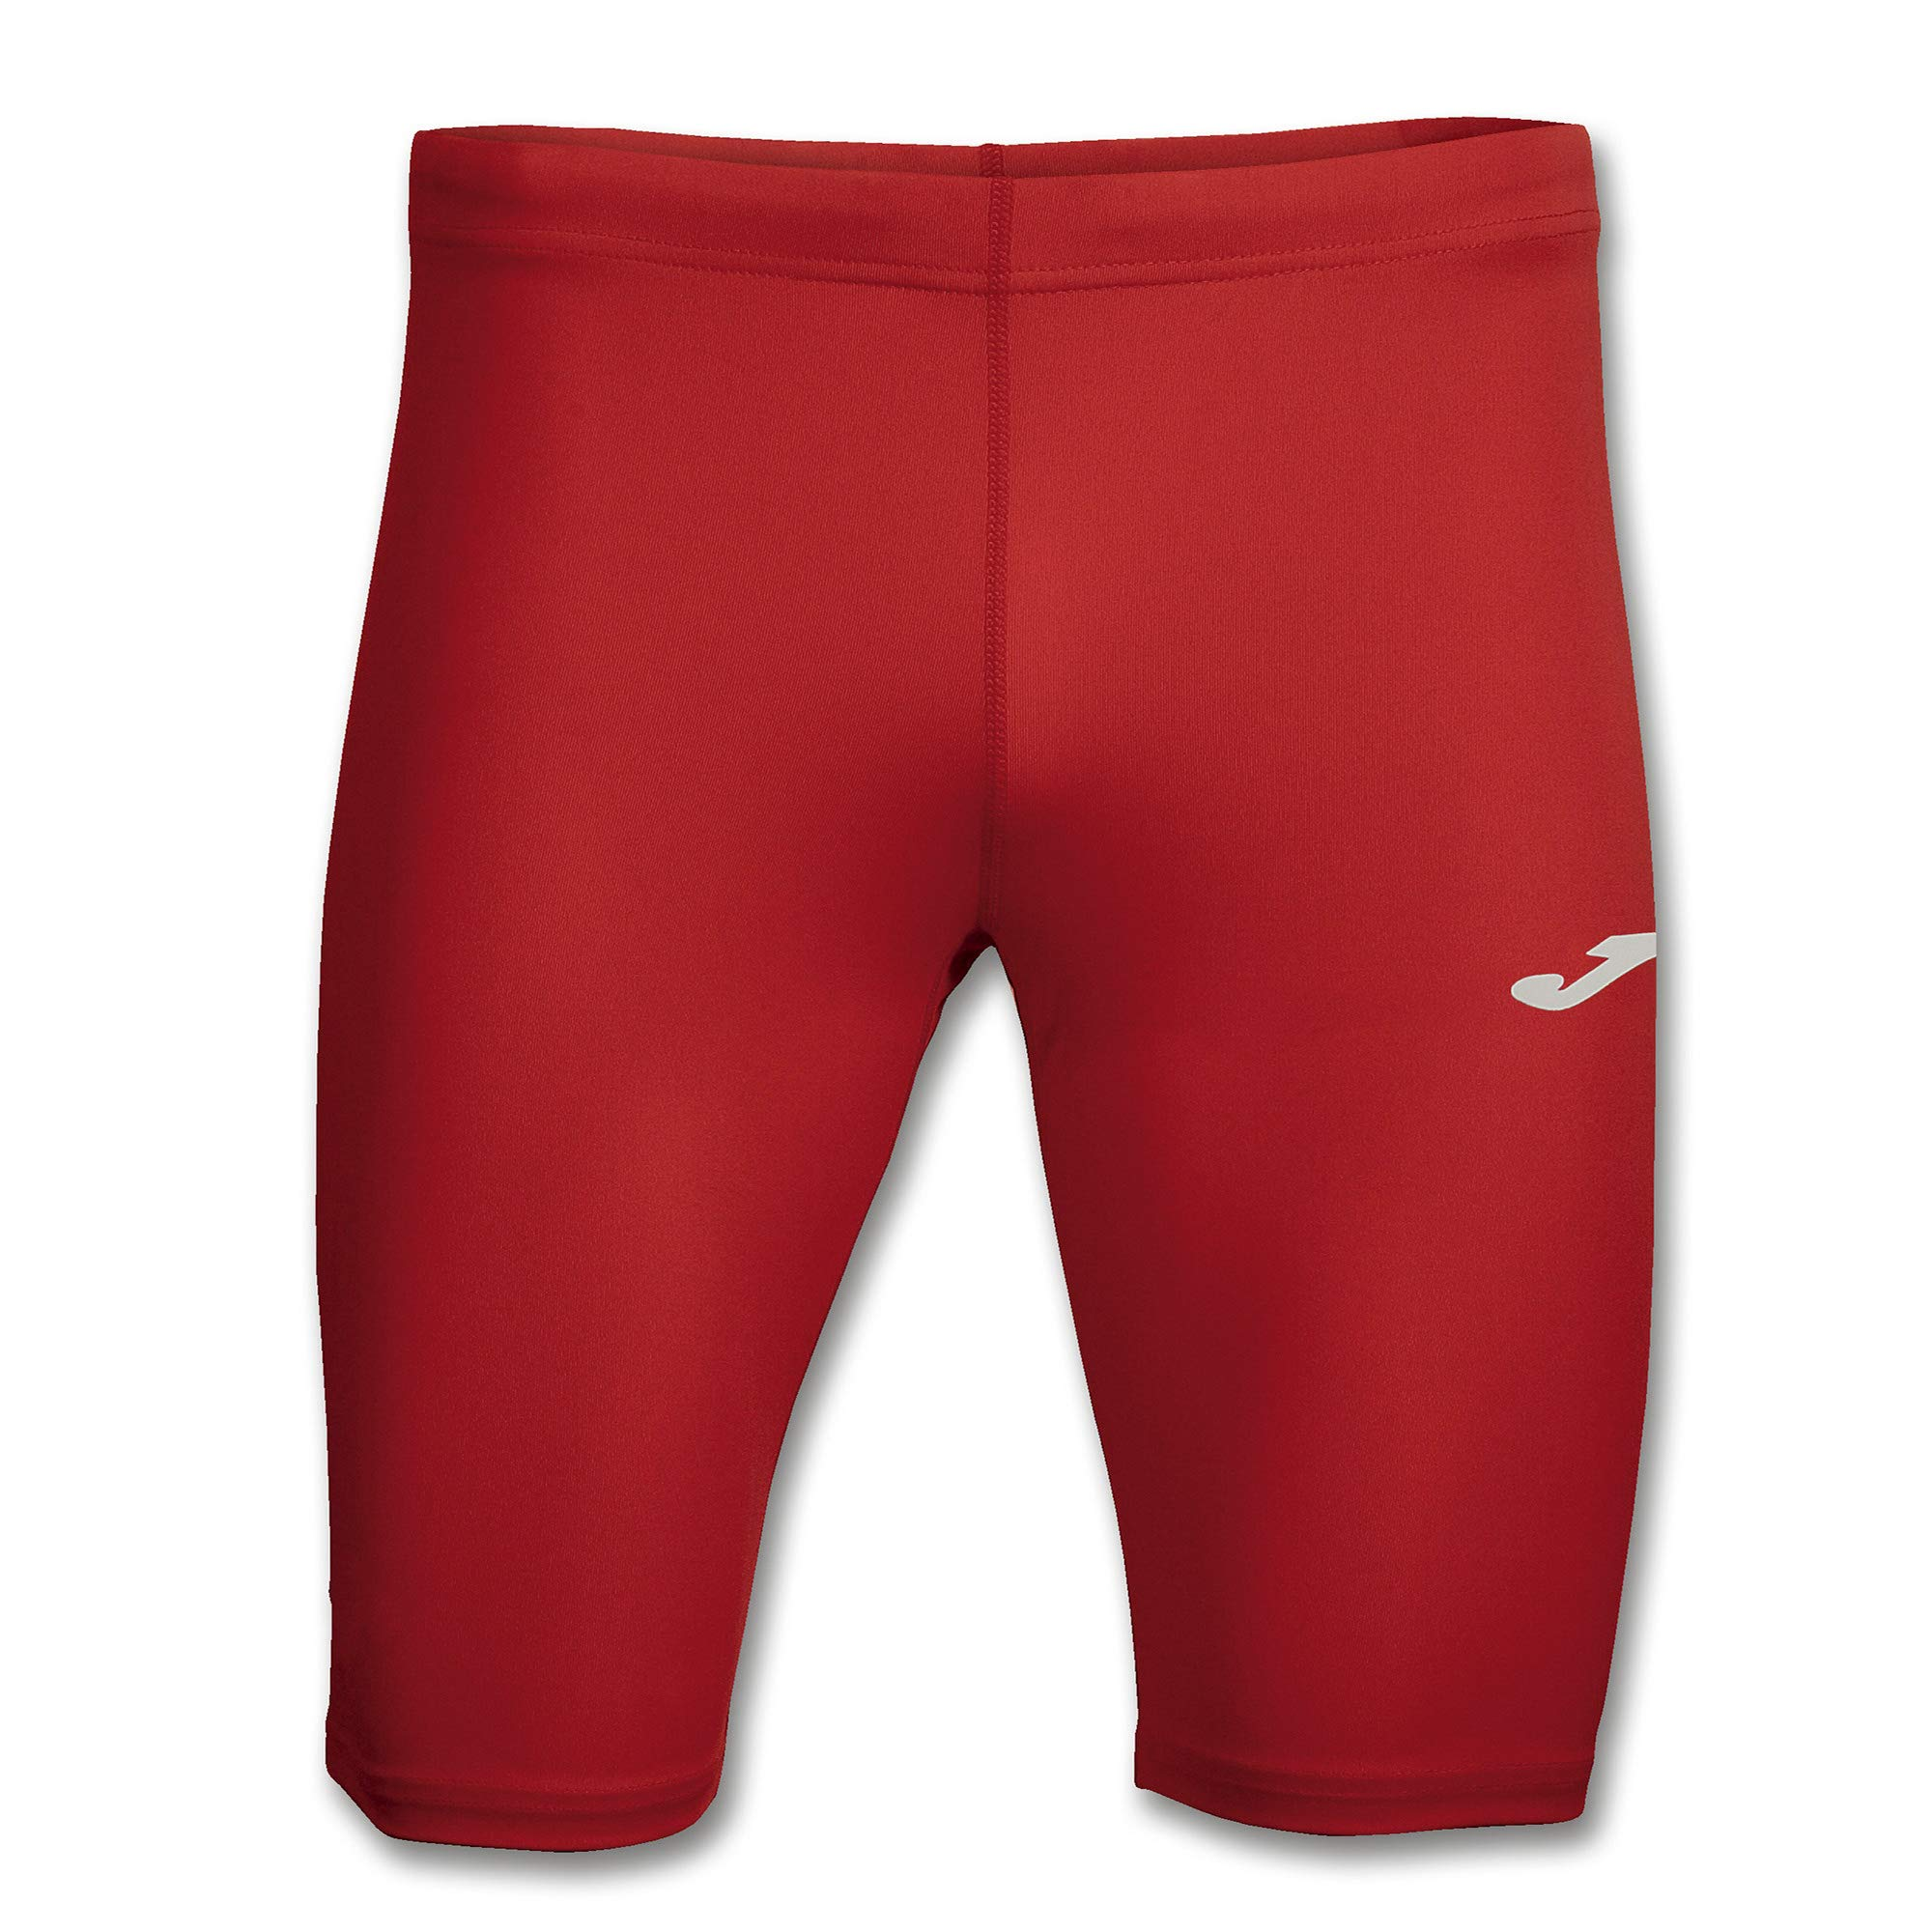 Joma Record II Shorts Running Tight Laufshorts rot rot, M